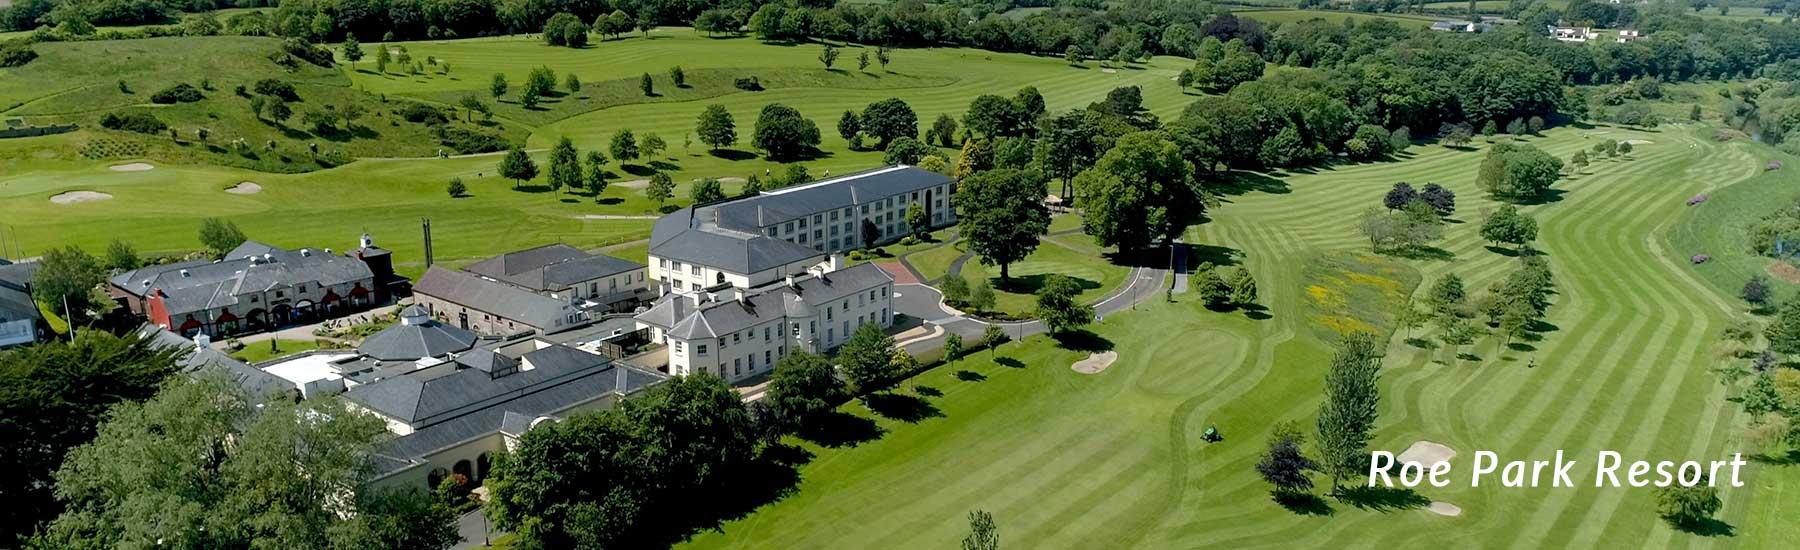 High Handicap Golf in Ireland